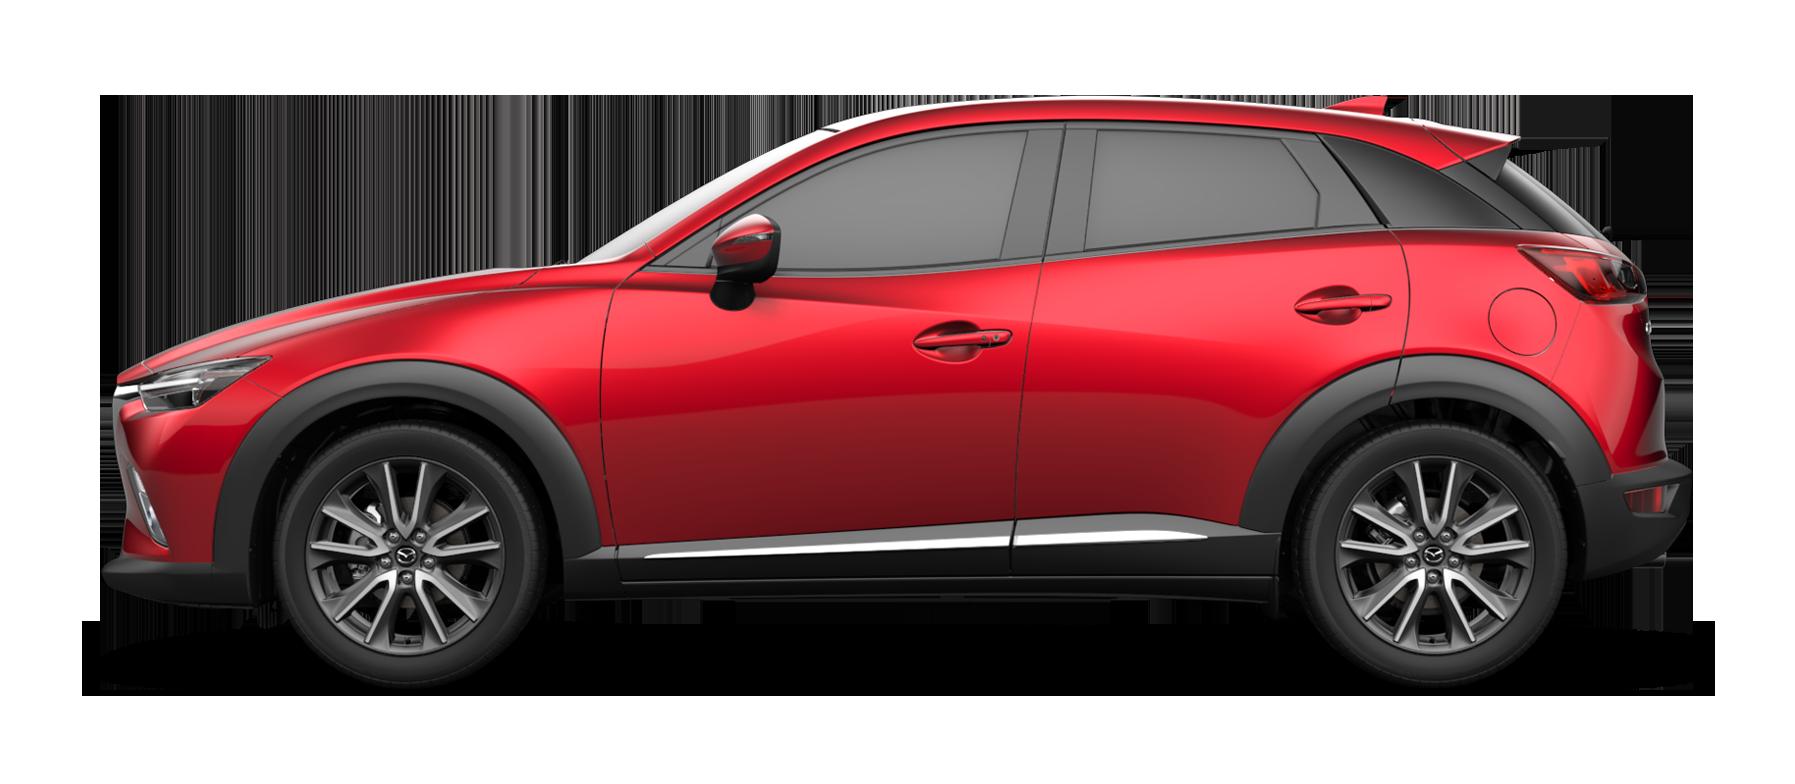 2018 Mazda CX 3 Image